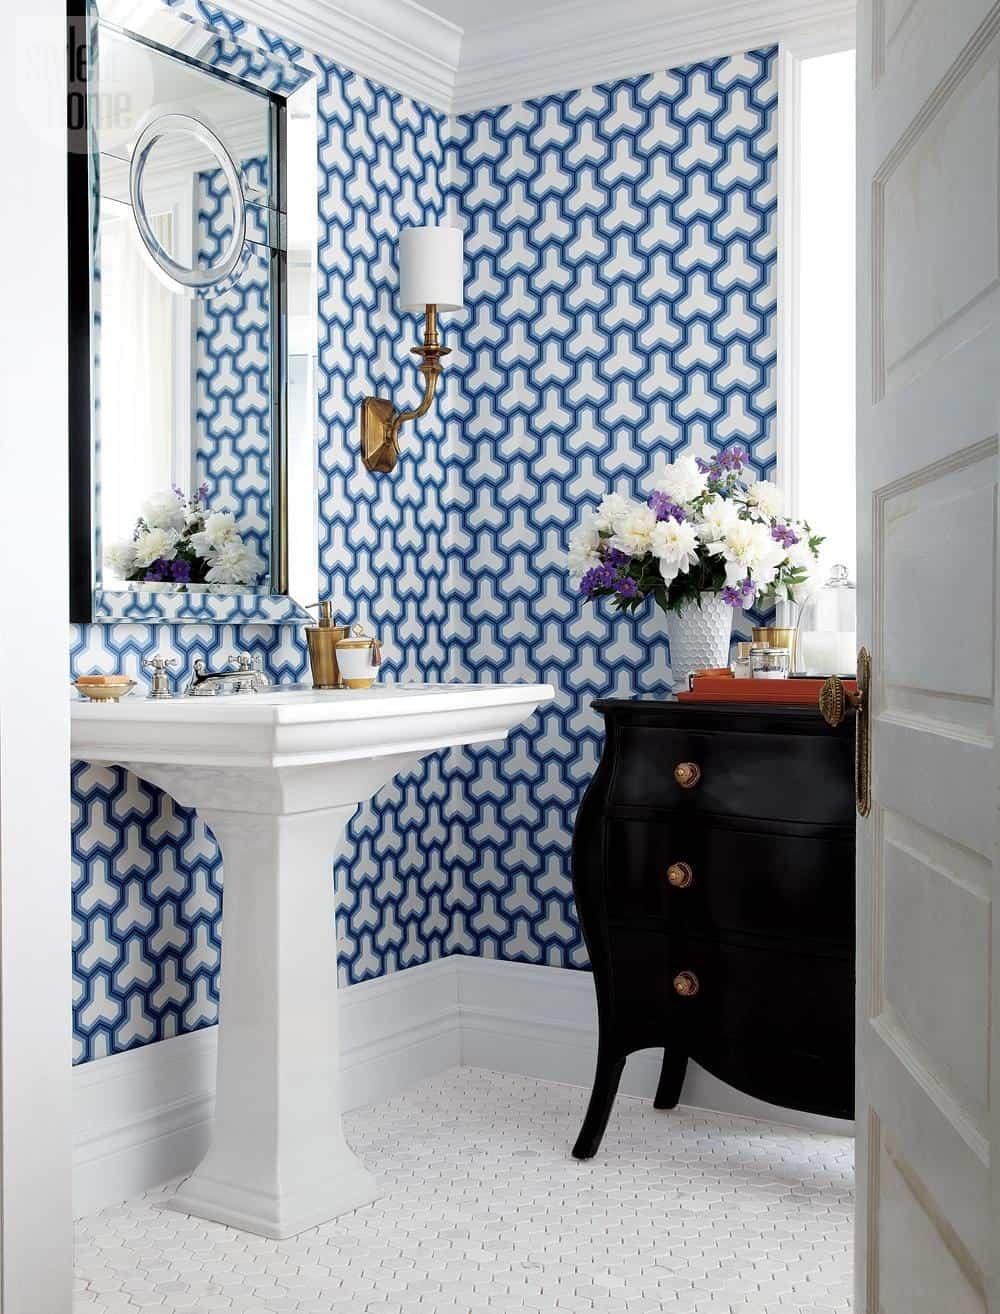 10 Modern Small Bathroom Ideas for Dramatic Design or ... on Modern Small Bathrooms  id=98693